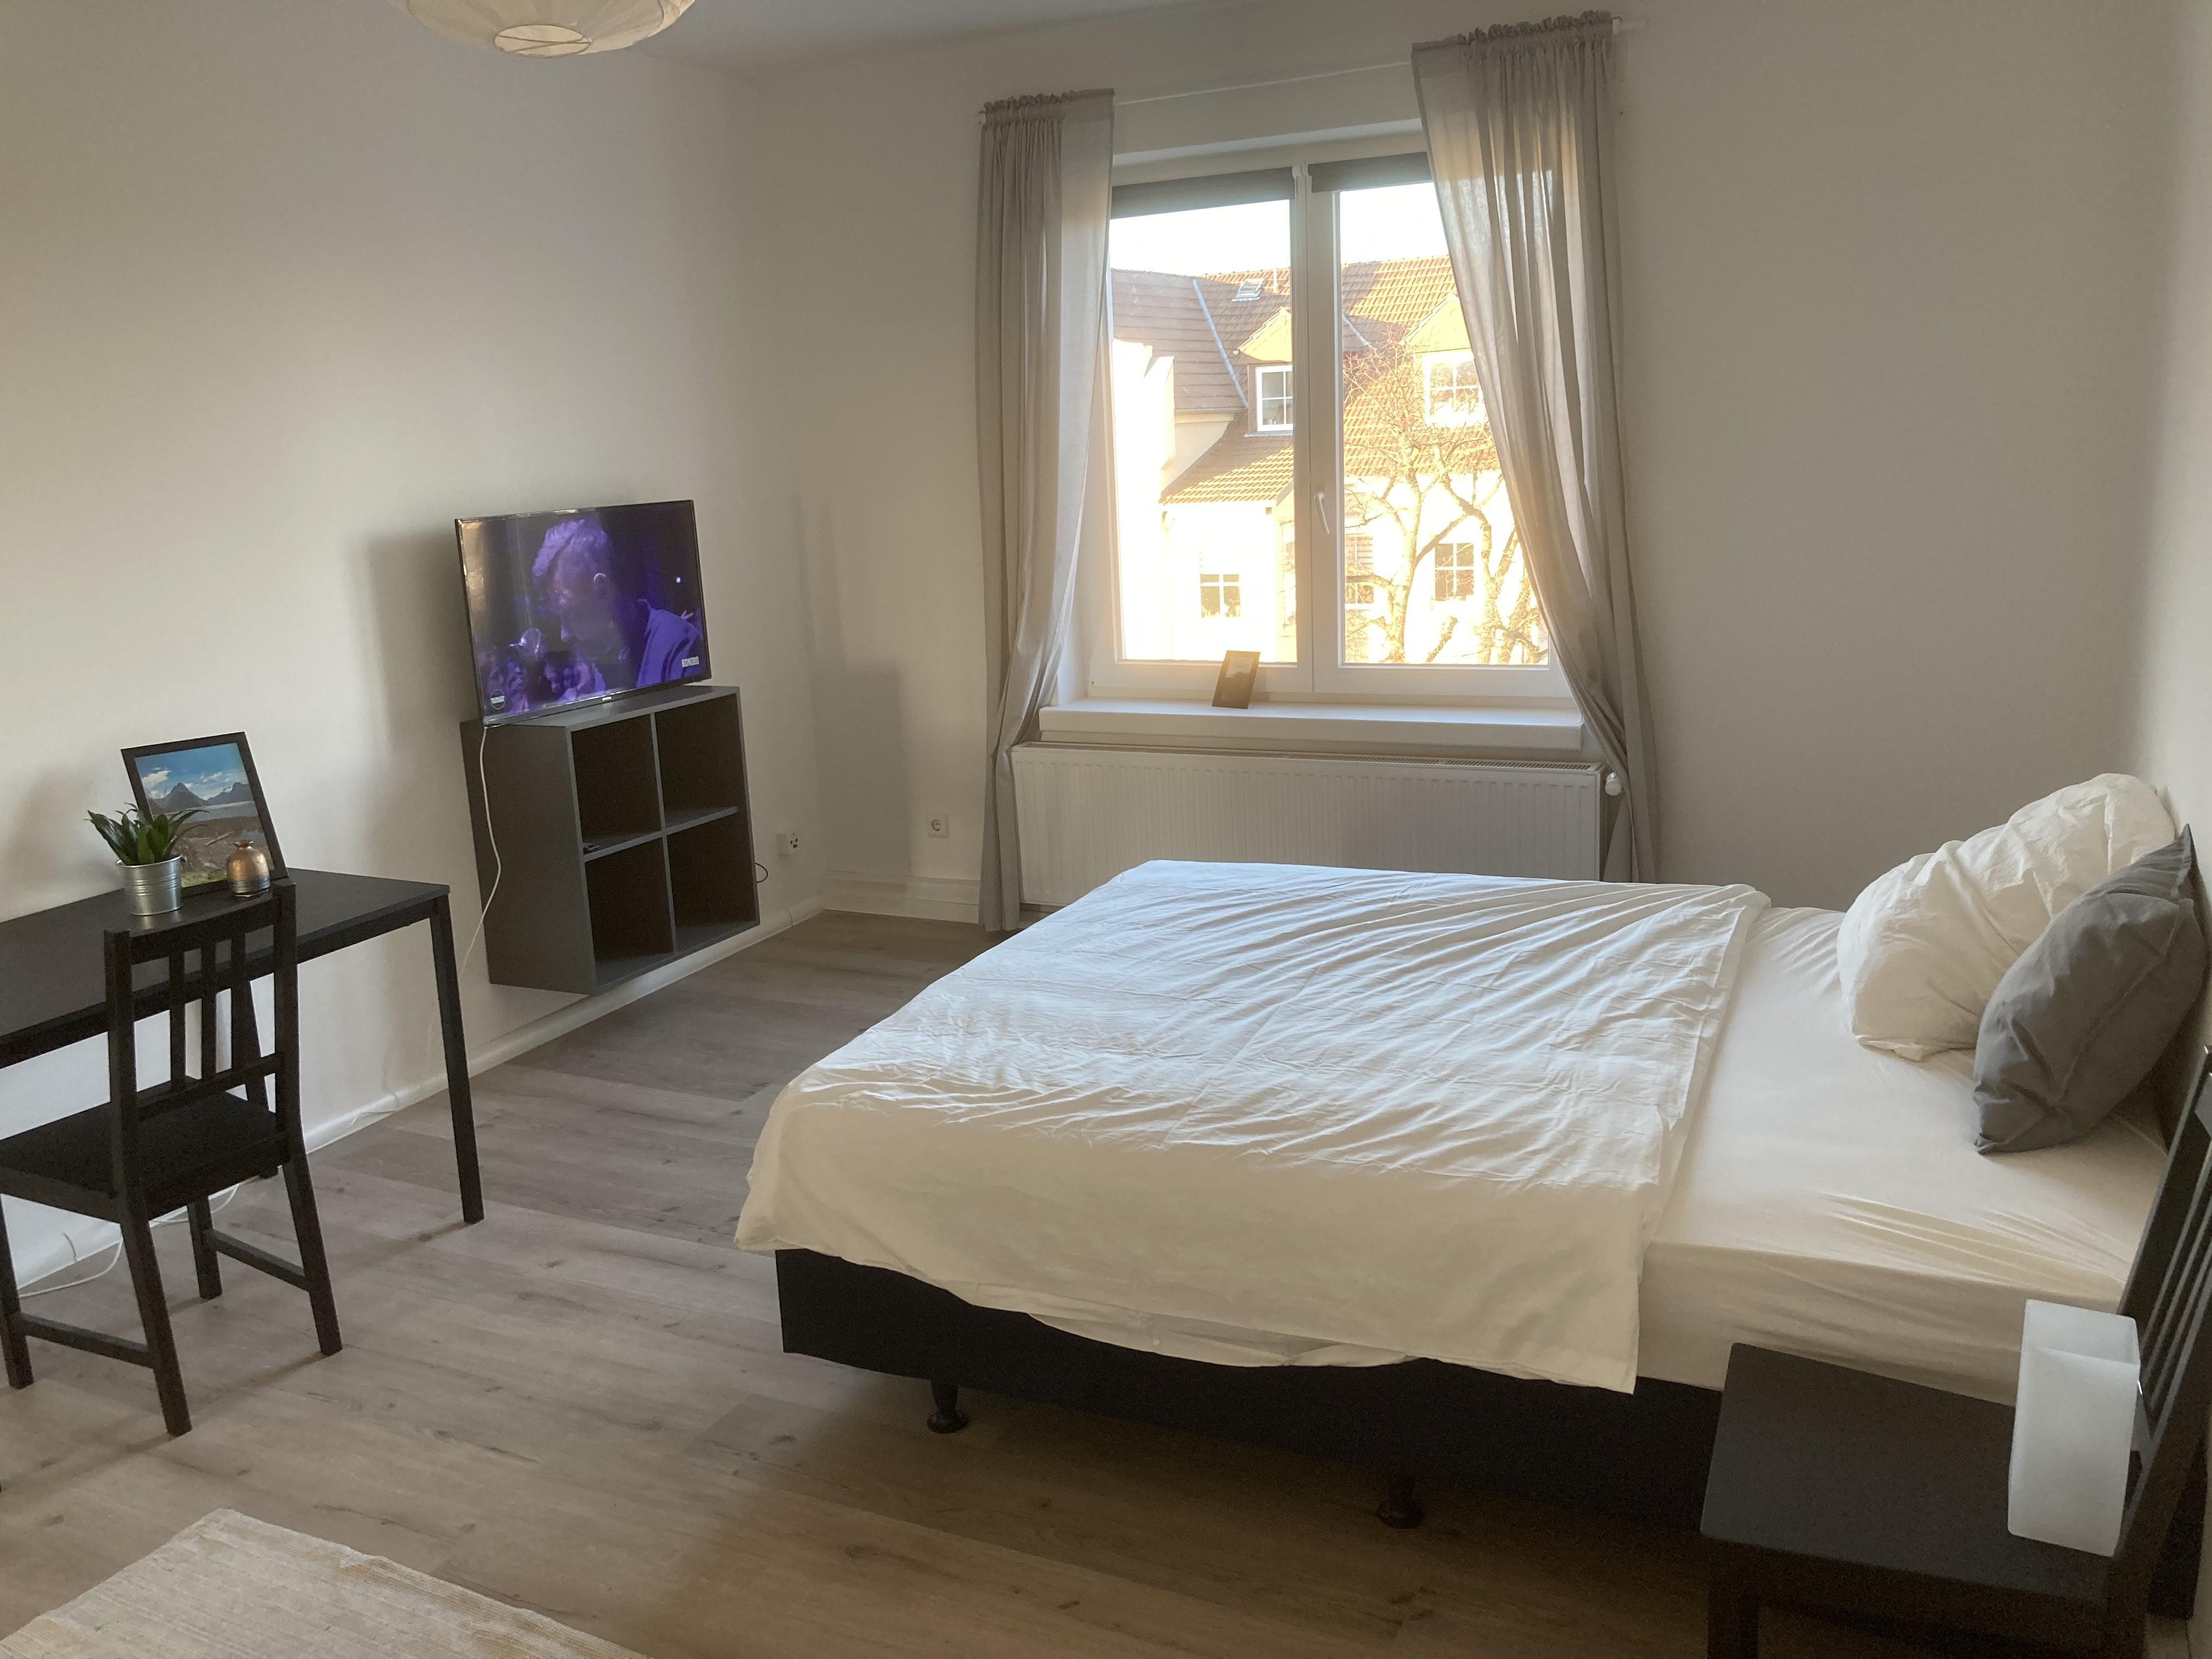 Zimmer 2 a